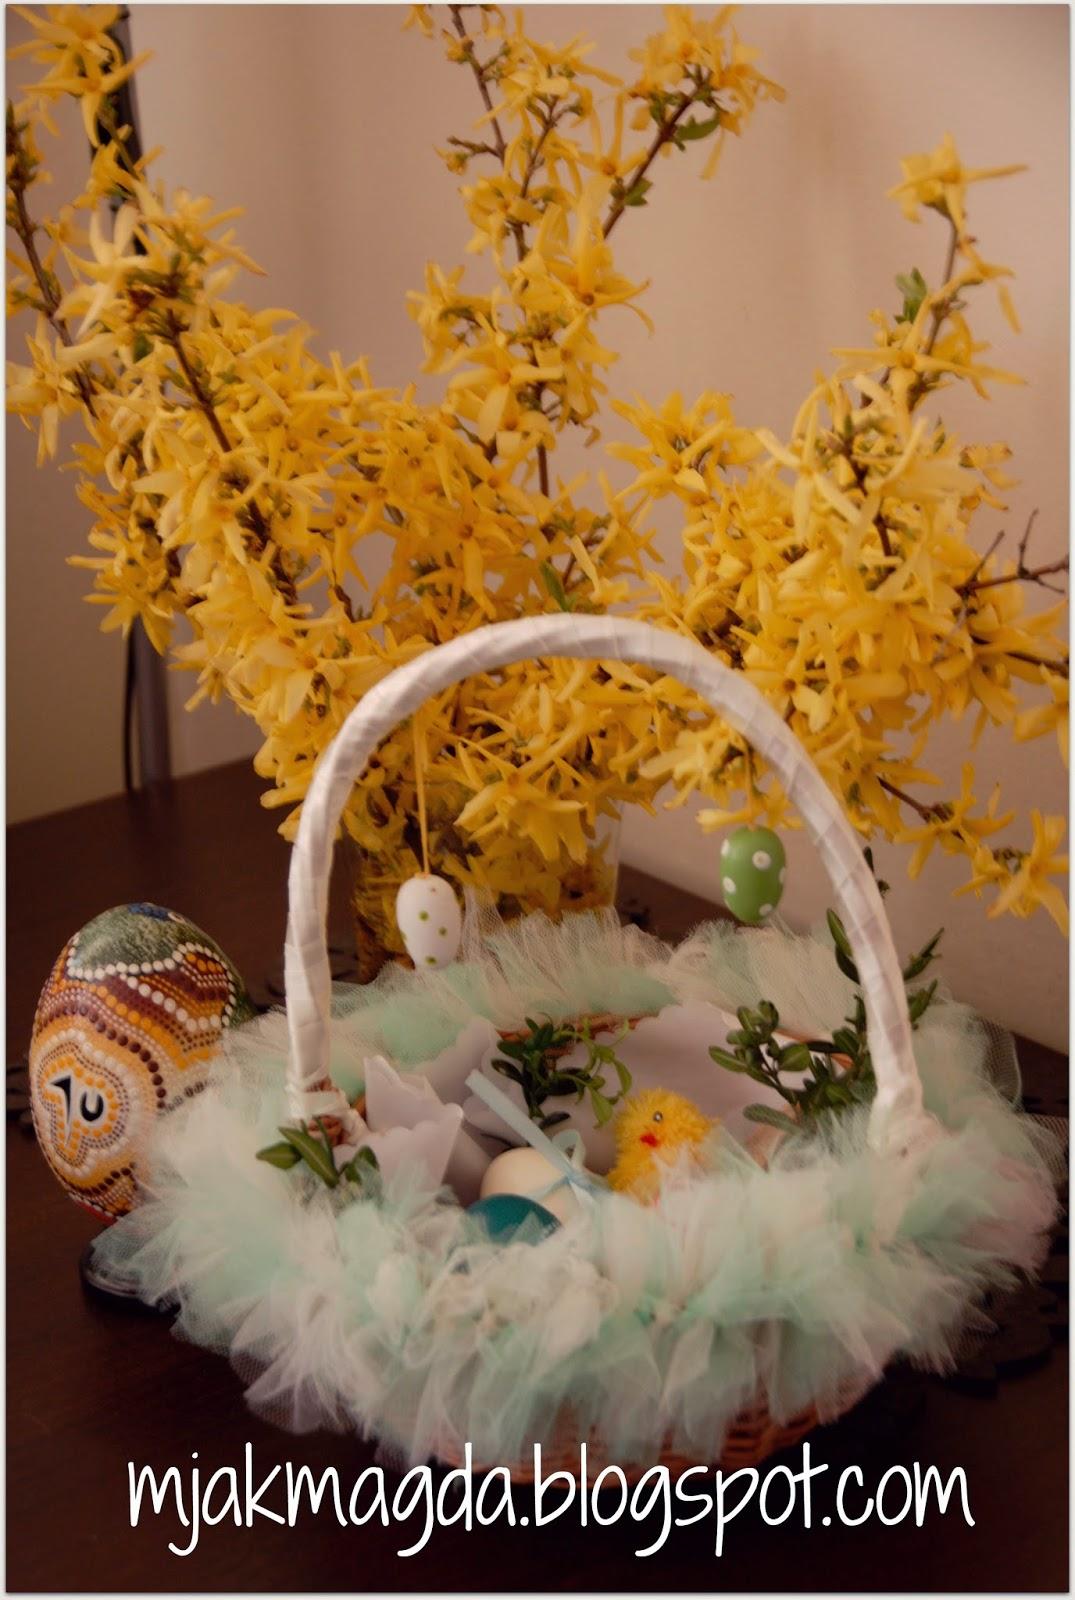 koszyk, koszyczek, z wikliny, wiklinowy, wiklina, święconka, święta, świąteczny, Wielkanoc, Wielkanocny, wiosna, wiosenny, tiul, tiulowy, z tiulu, ozdobny, ozdobiony, baranek, lukrowy, z lukru, lukier, zając, zajączek, jako, jajo, pisanka, pisanki, basket, basket, wicker, wicker, wicker easter basket, holidays, Christmas, Easter, Easter, spring, spring, tulle, tulle, tulle, ornate, decorated, lamb, iced with icing, frosting, hare, rabbit, as , egg,